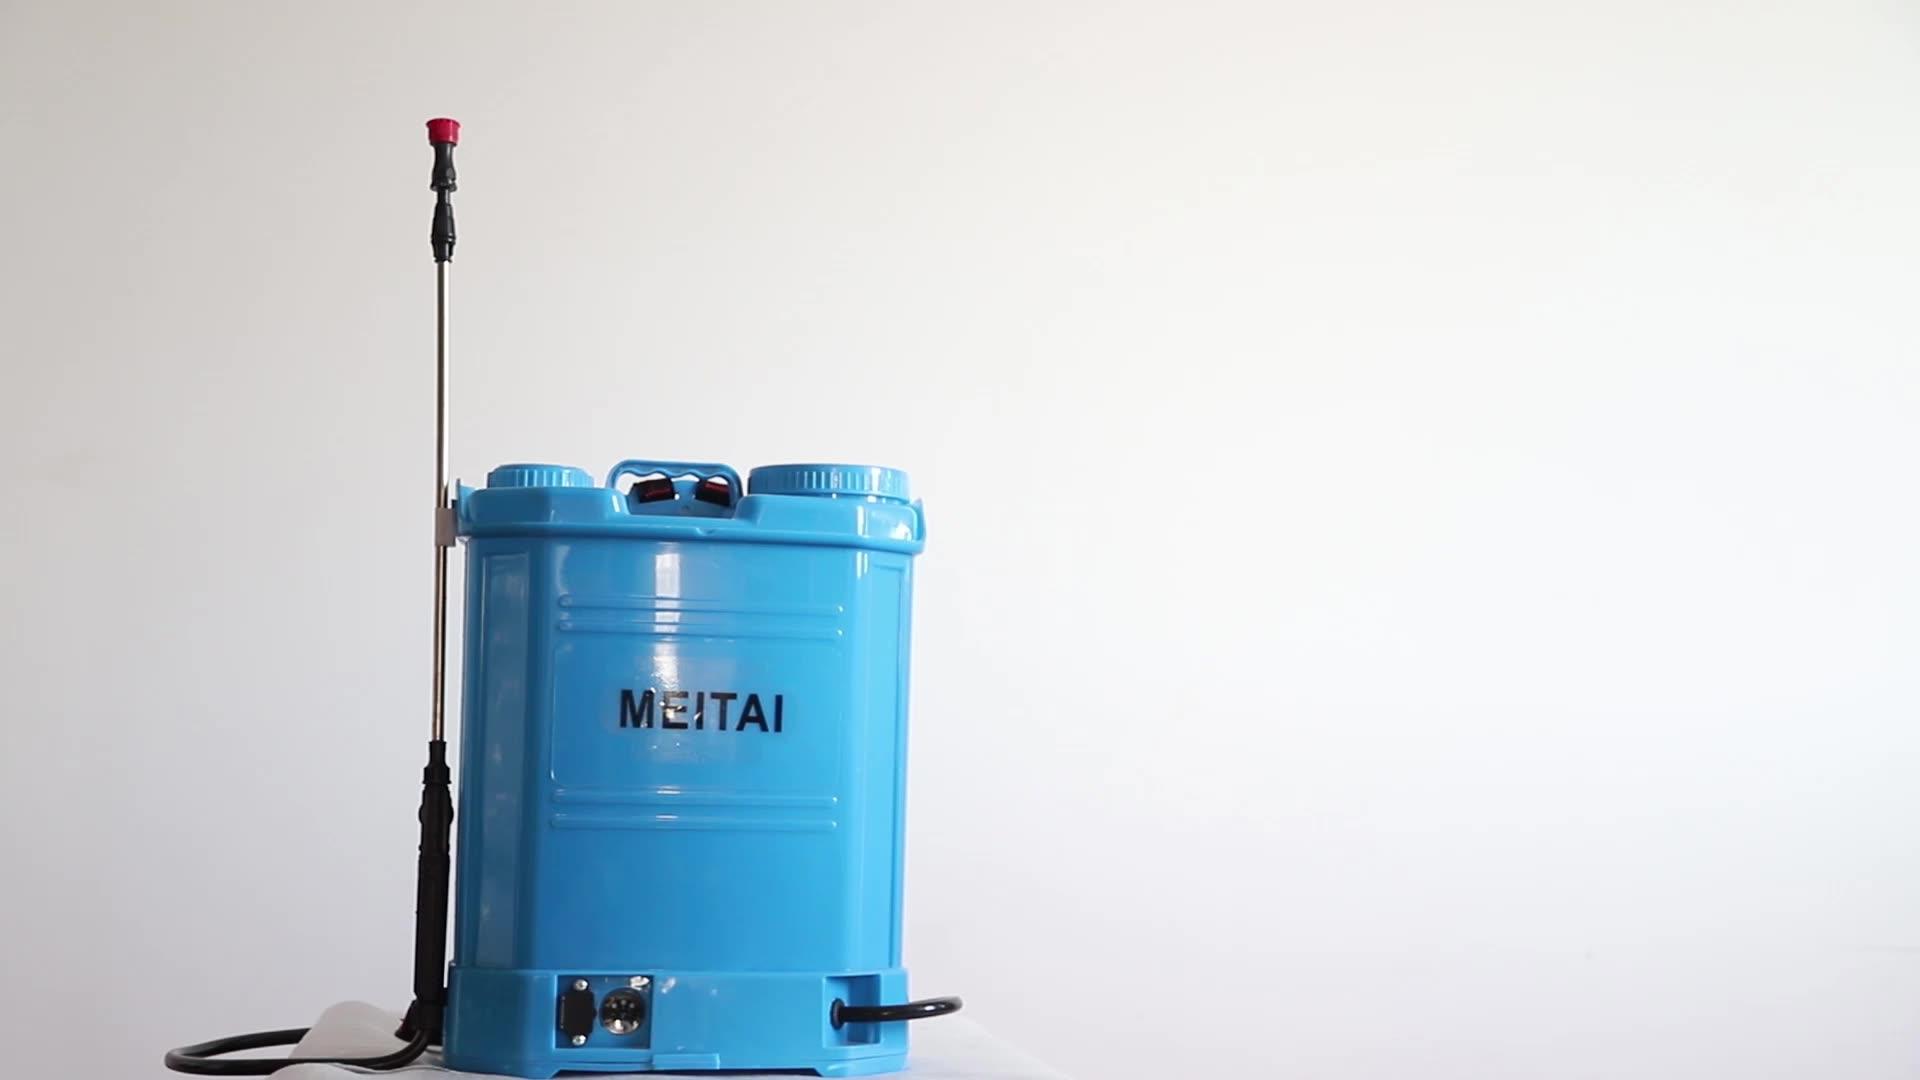 16L knapsack electric sprayer battery operated knapsack sprayer